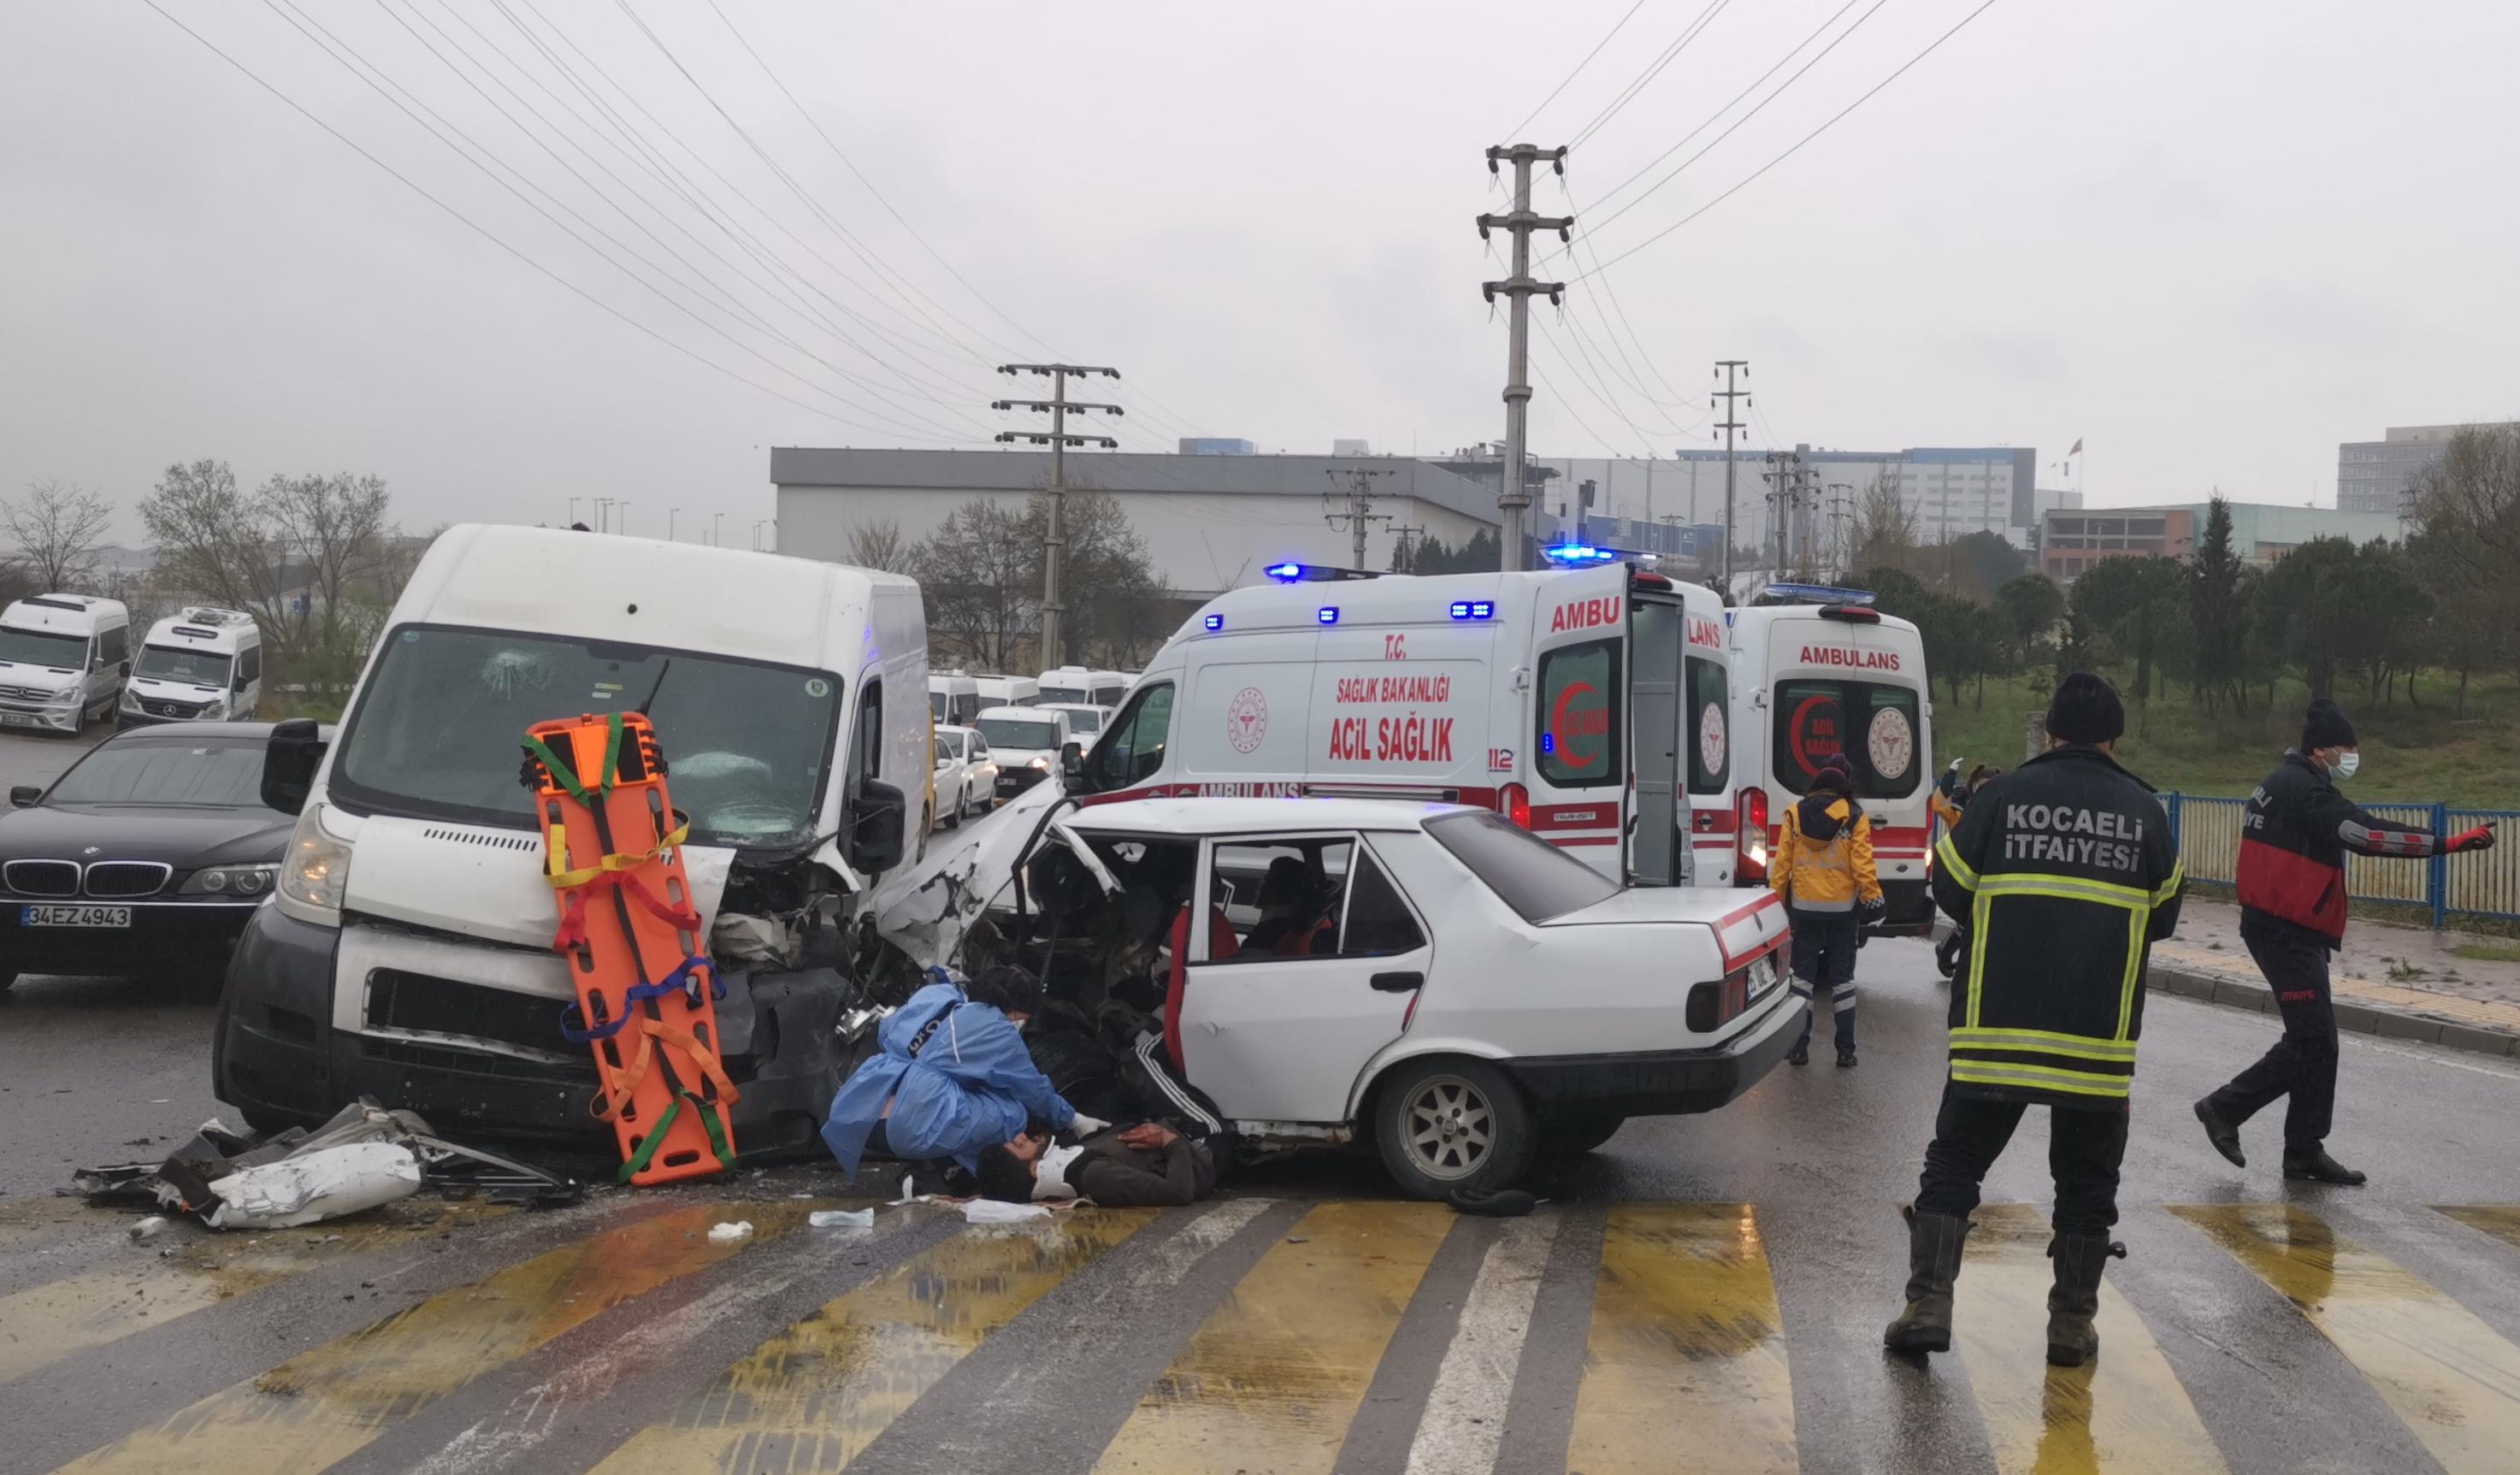 Kocaeli'de otomobil ile panelva çarpıştı: Kazada biri ağır 6 kişi yaralandı